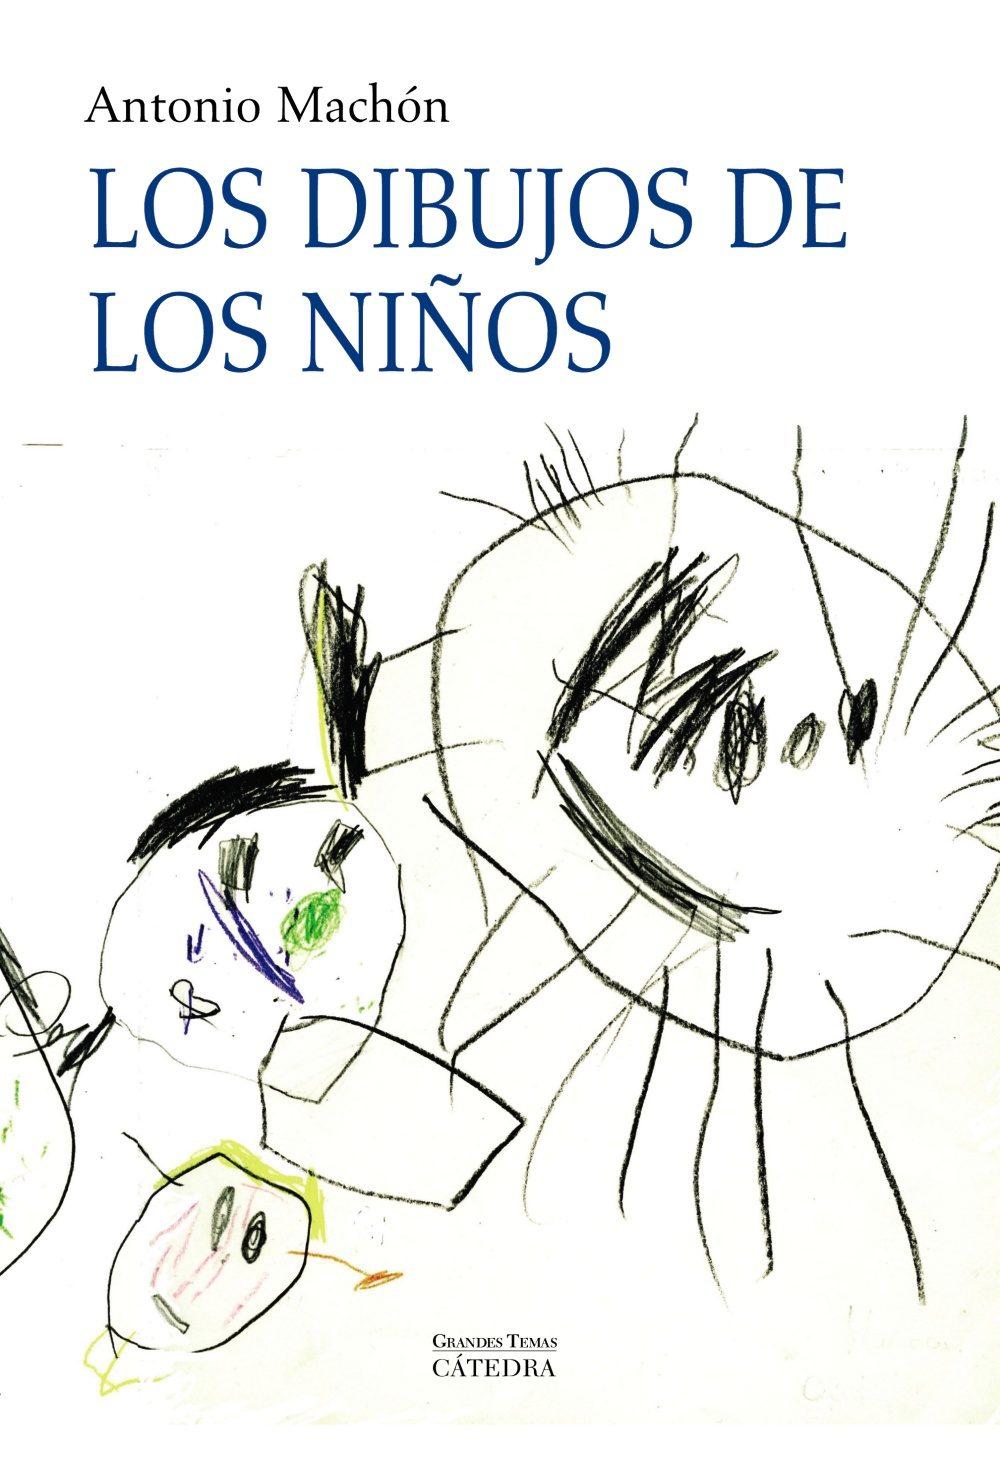 Los Dibujos De Los Niños Antonio Machon Comprar Libro 9788437625621